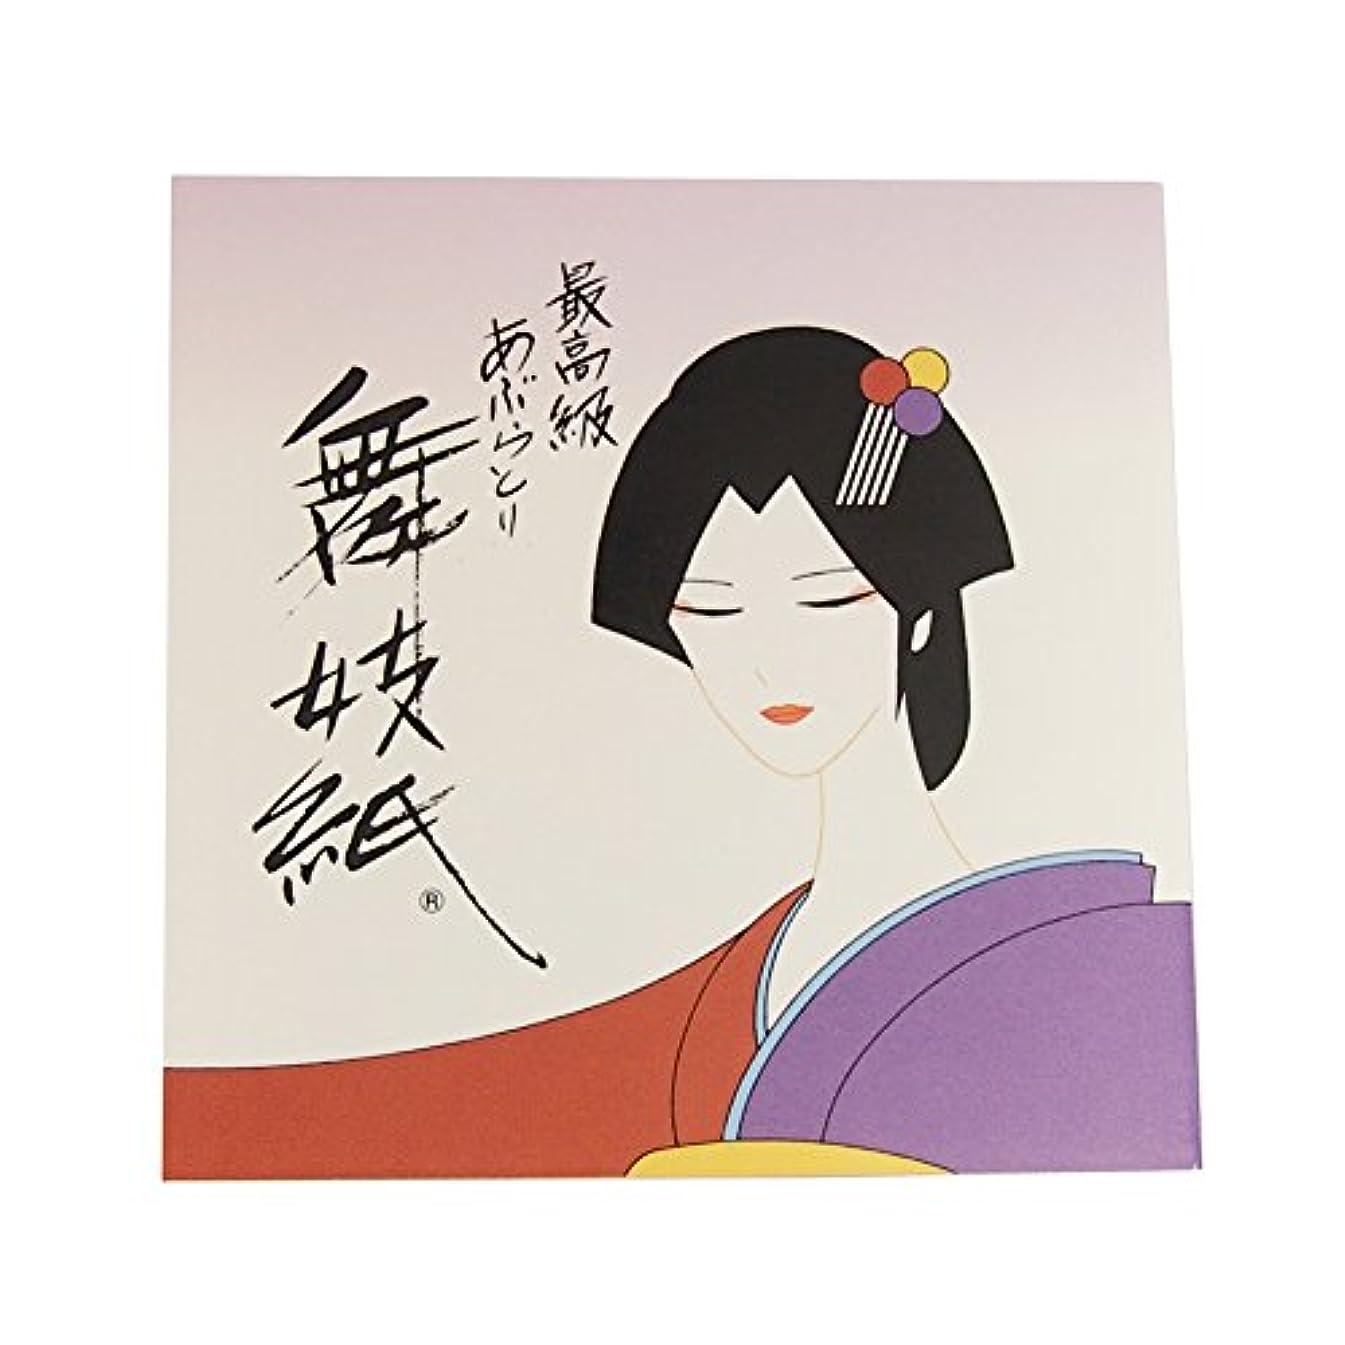 意外注入する学習米長 あぶらとり紙 最高級 舞妓紙 和風 50枚入り 5個セット